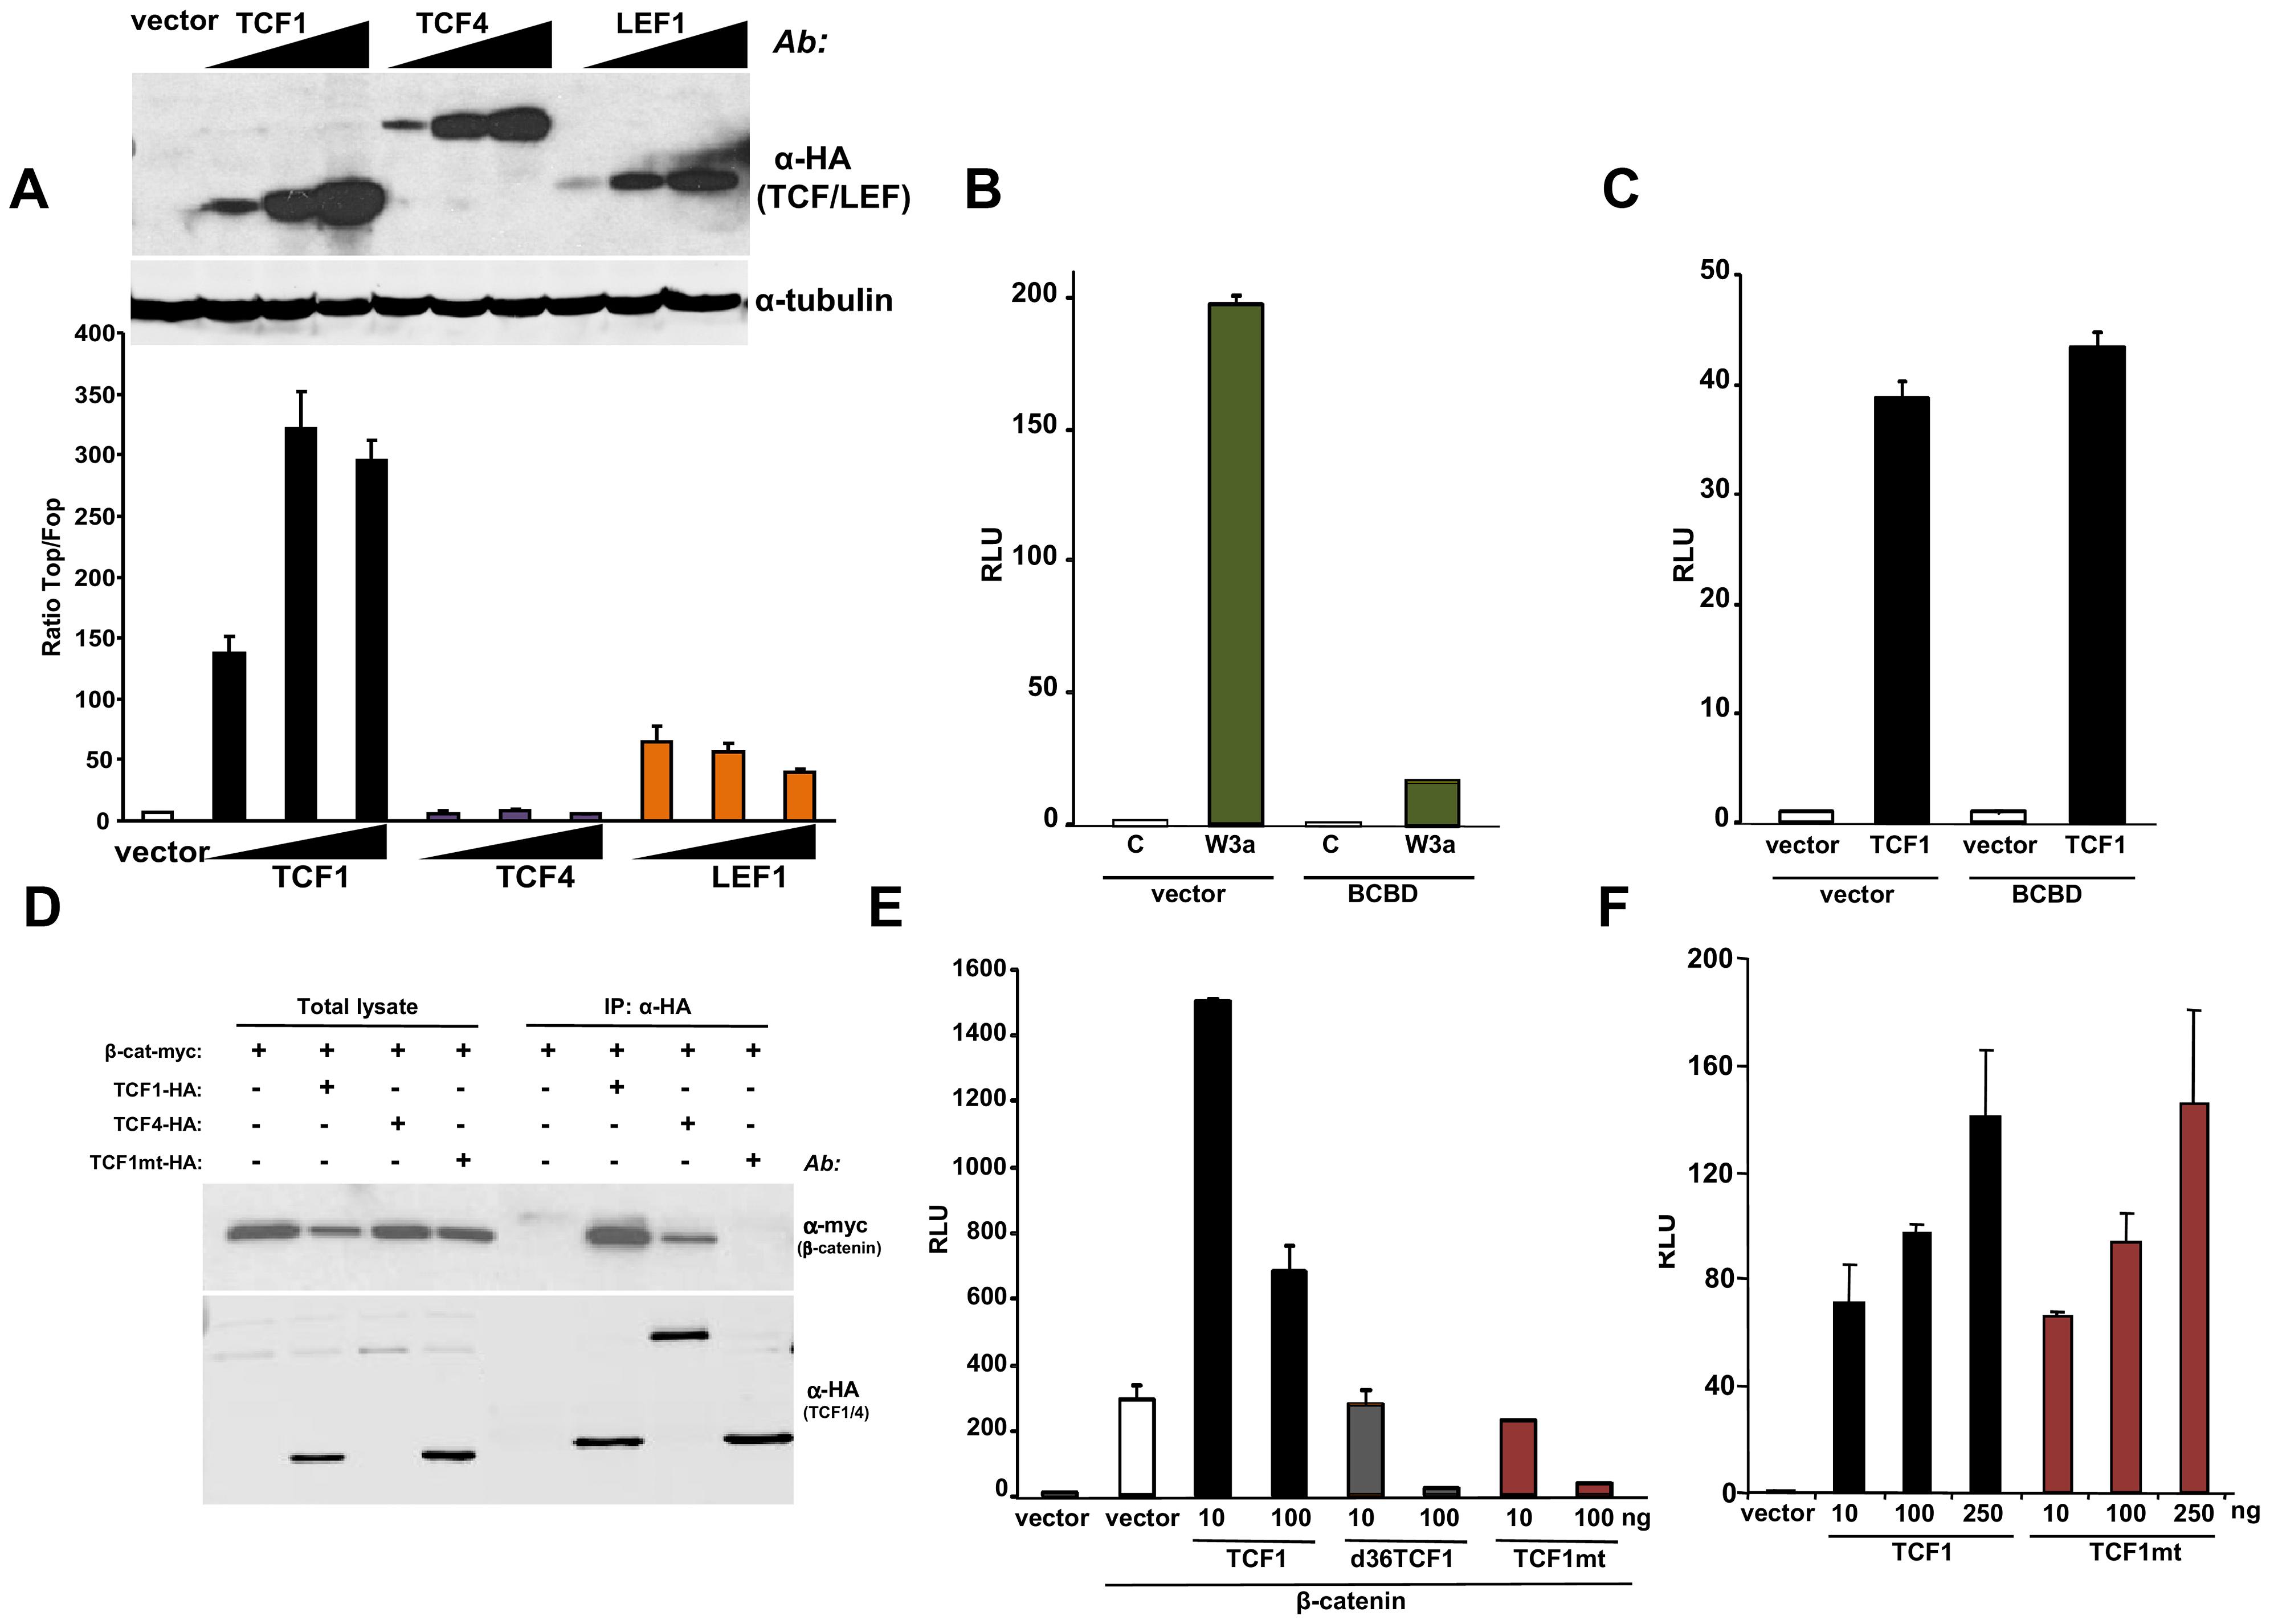 β-catenin-independent transcriptional activity of TCF1/LEF1 factors.